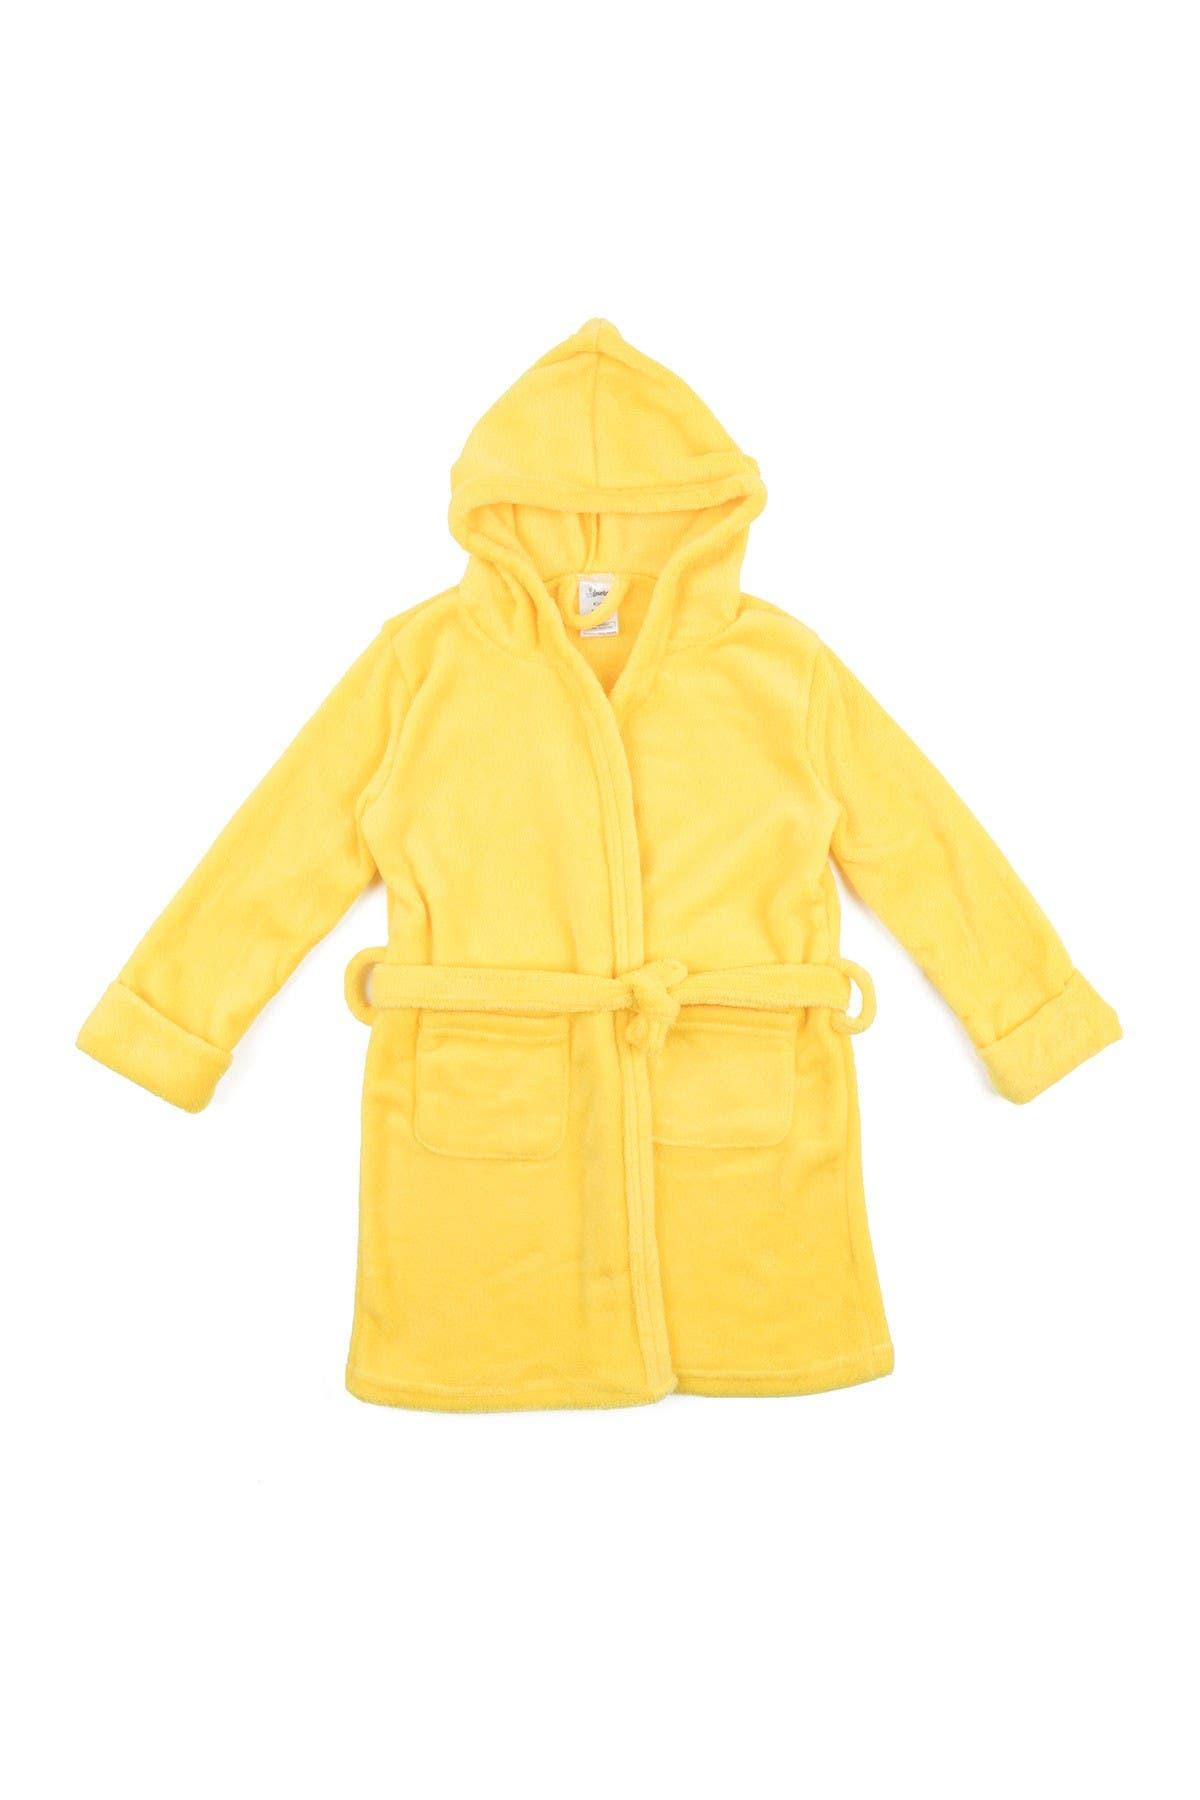 Image of Leveret Yellow Fleece Hooded Robe